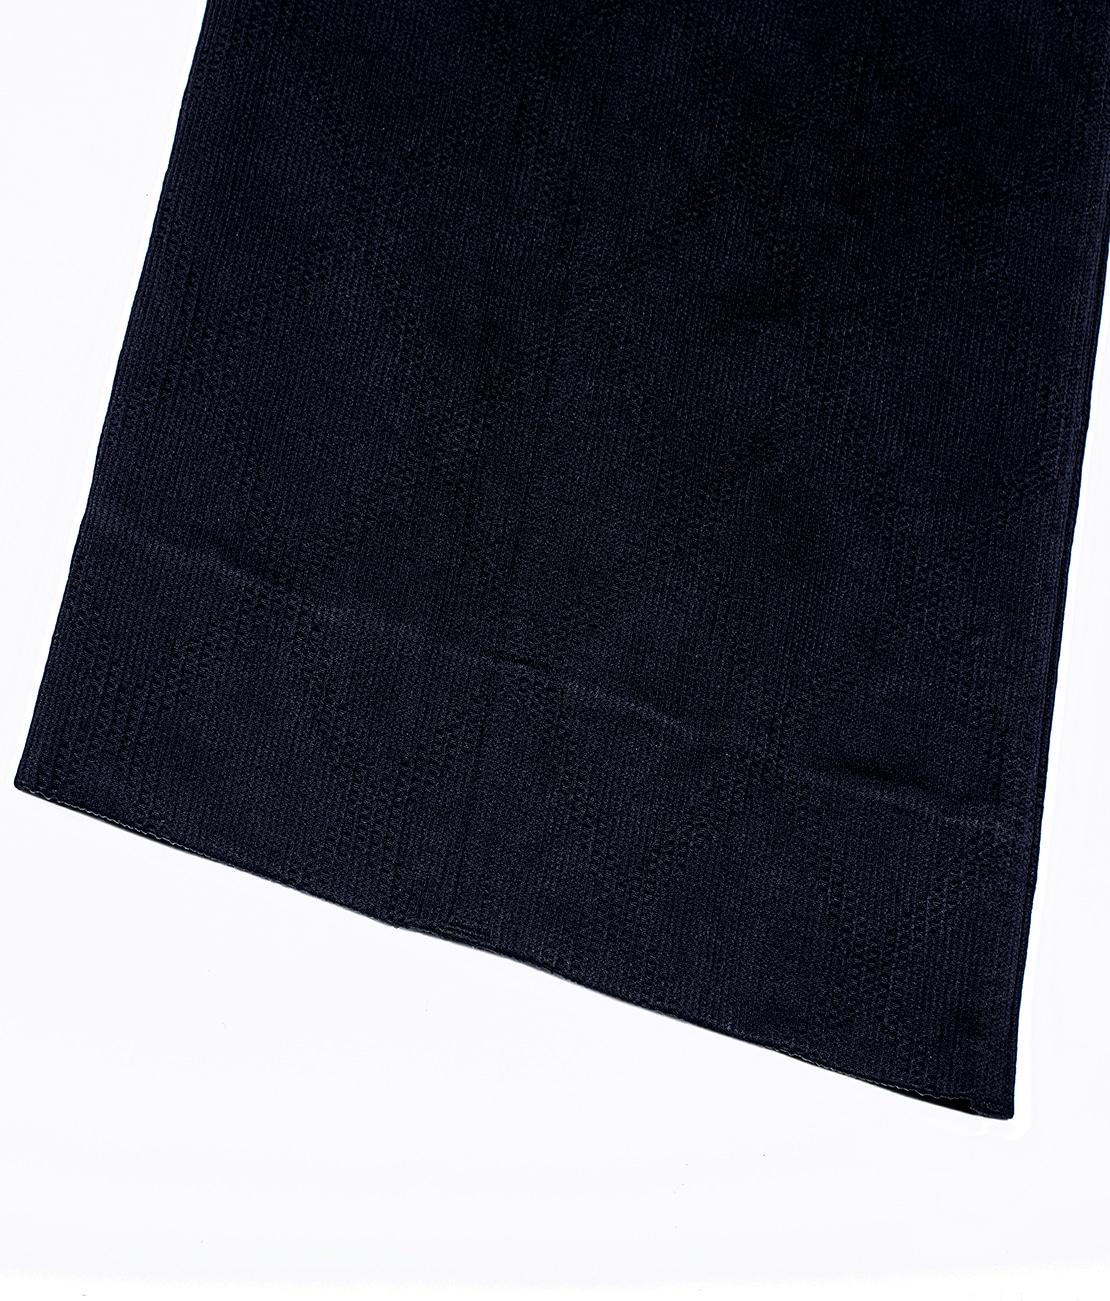 Body Shaper Noir Packshot Detail 1